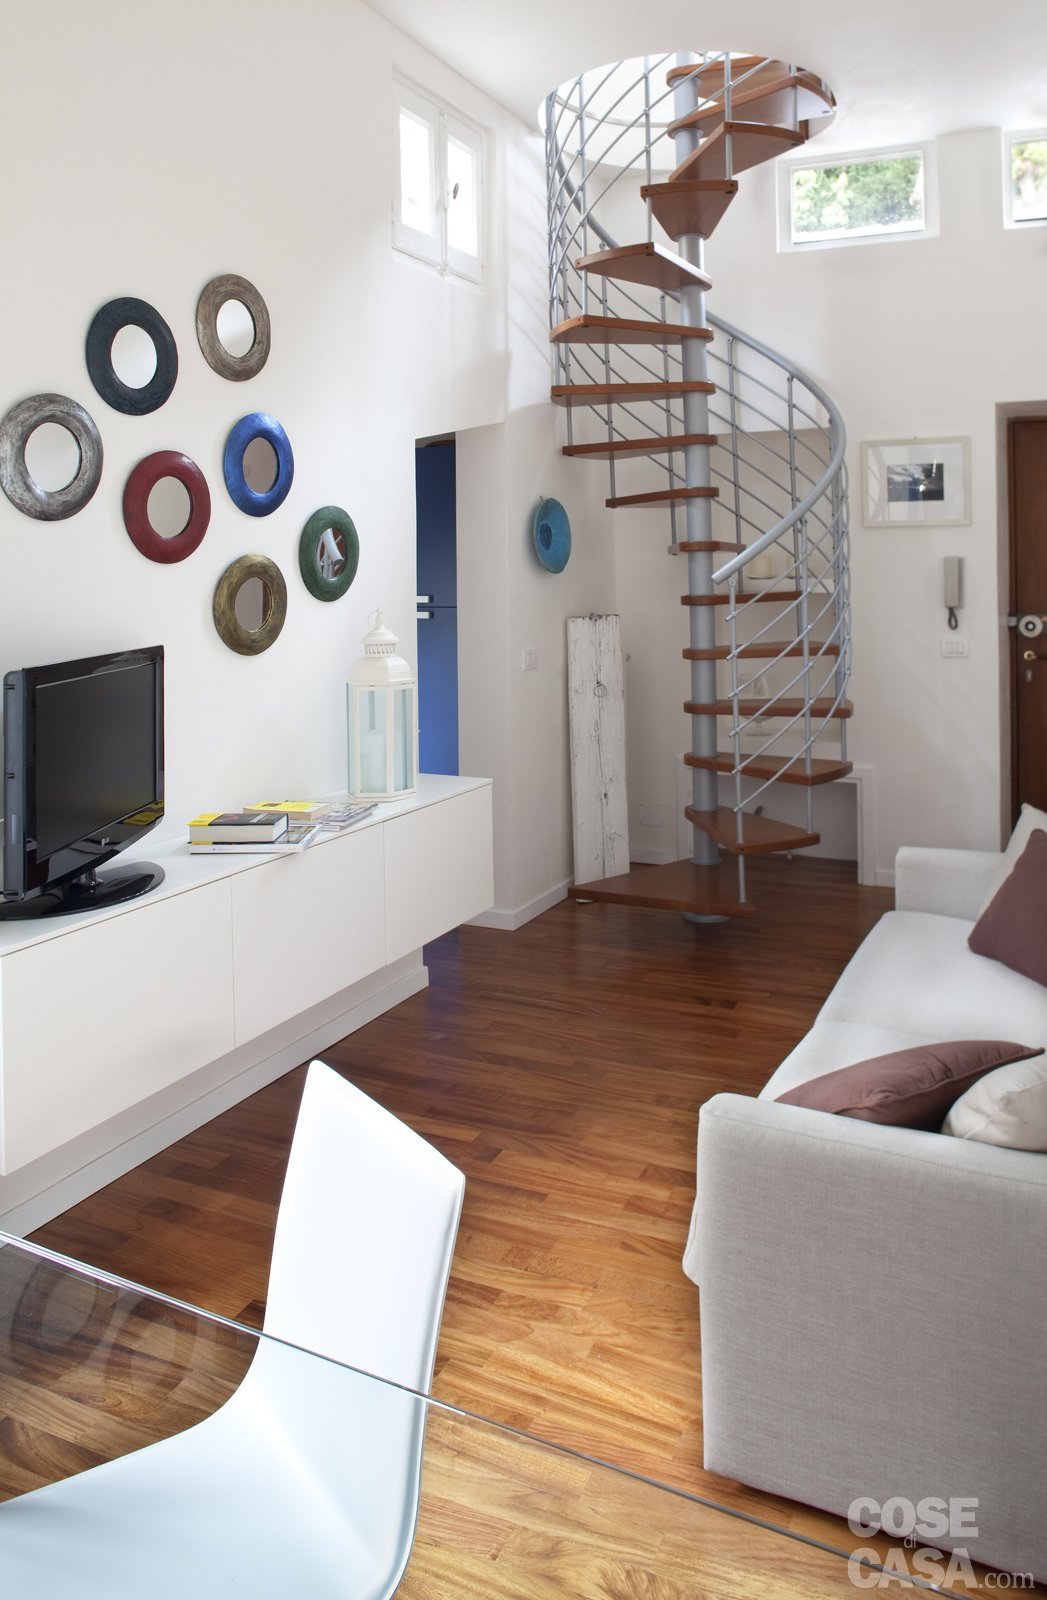 48 mq bilocale su due livelli cose di casa for Piani di casa con stanza della torre